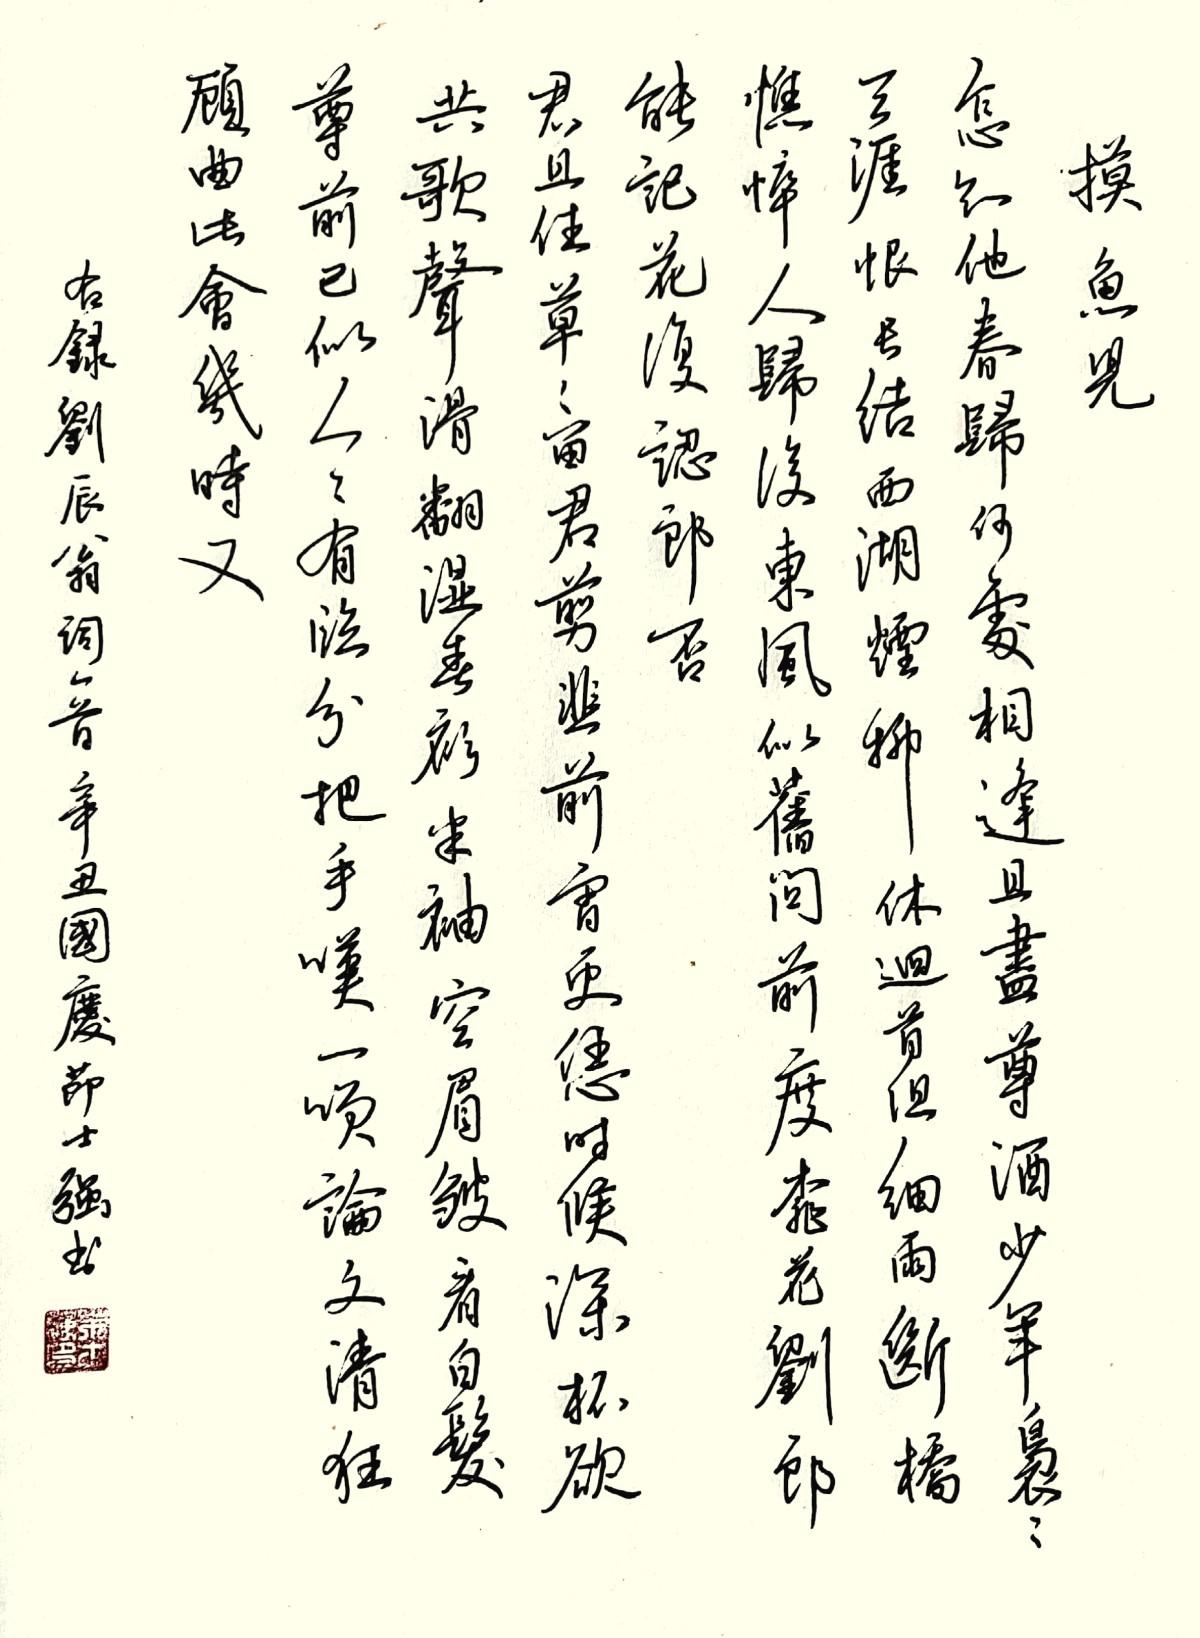 钢笔书法练字打卡20211012-19